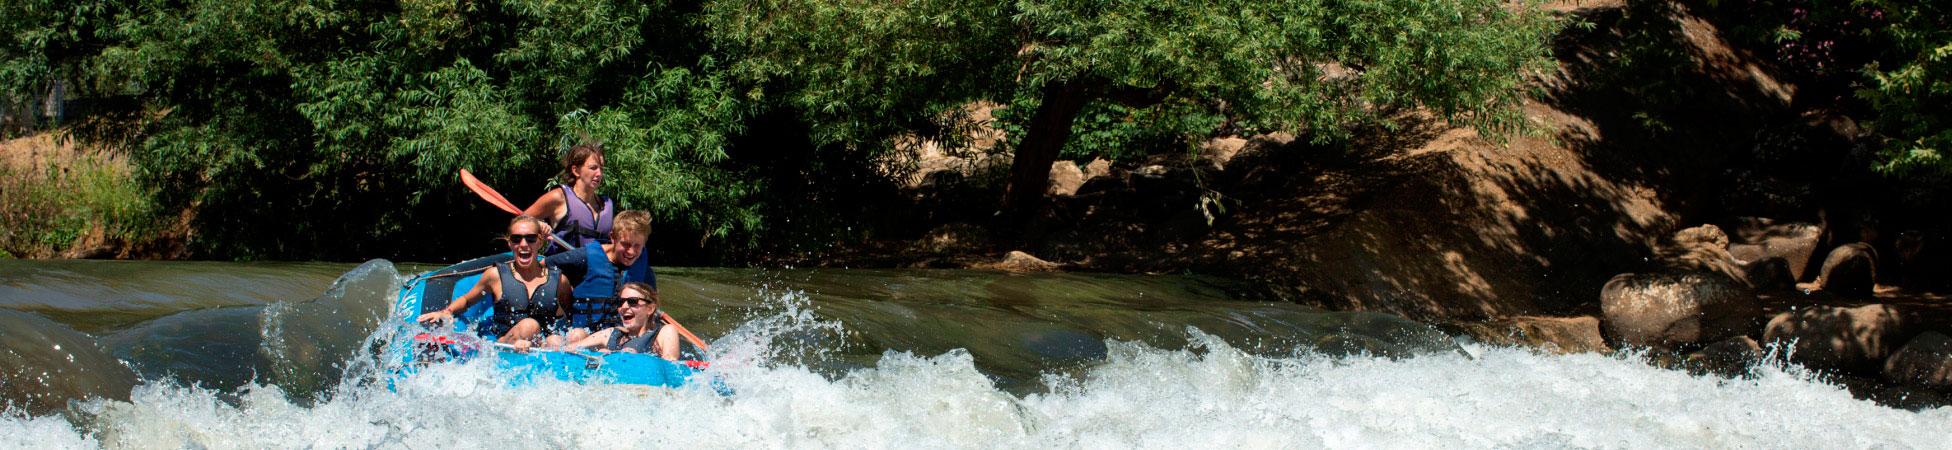 Jordan River Rafting (C) Itamar Grinberg - GoIsrael.com